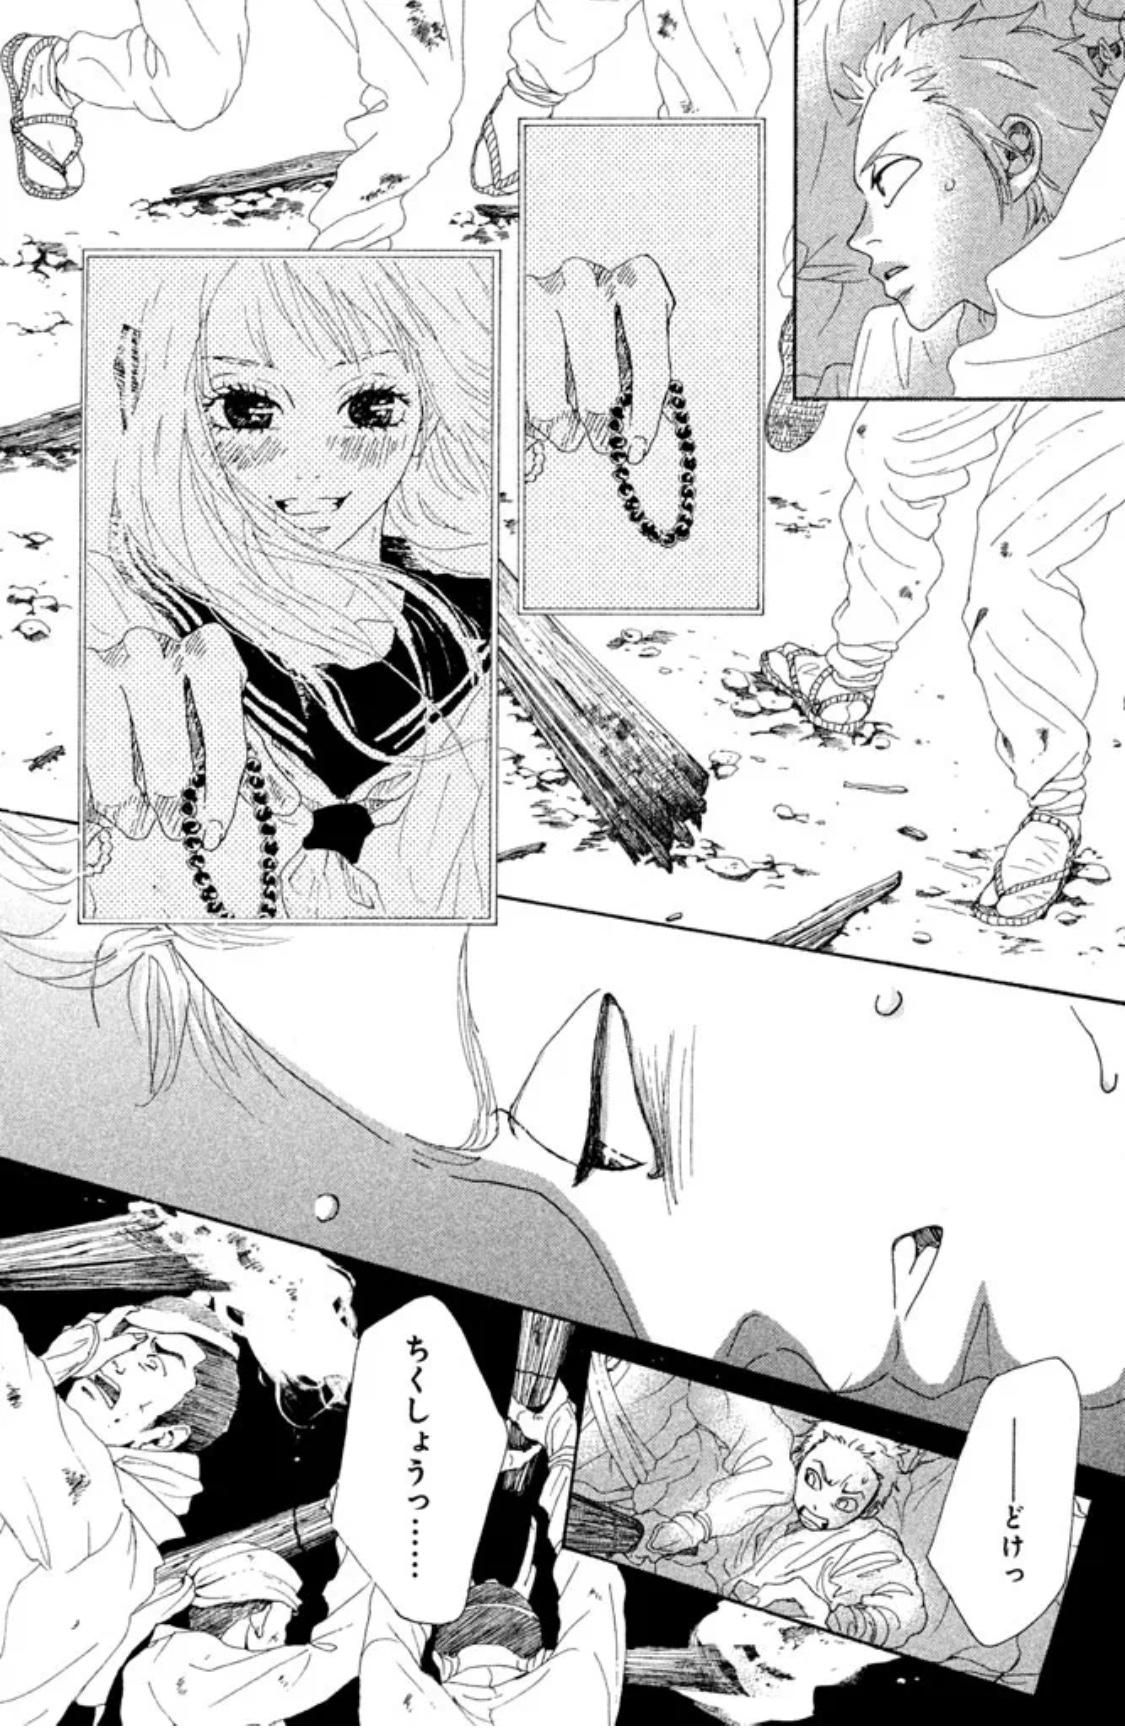 溺れるナイフ ネタバレ 漫画 8巻